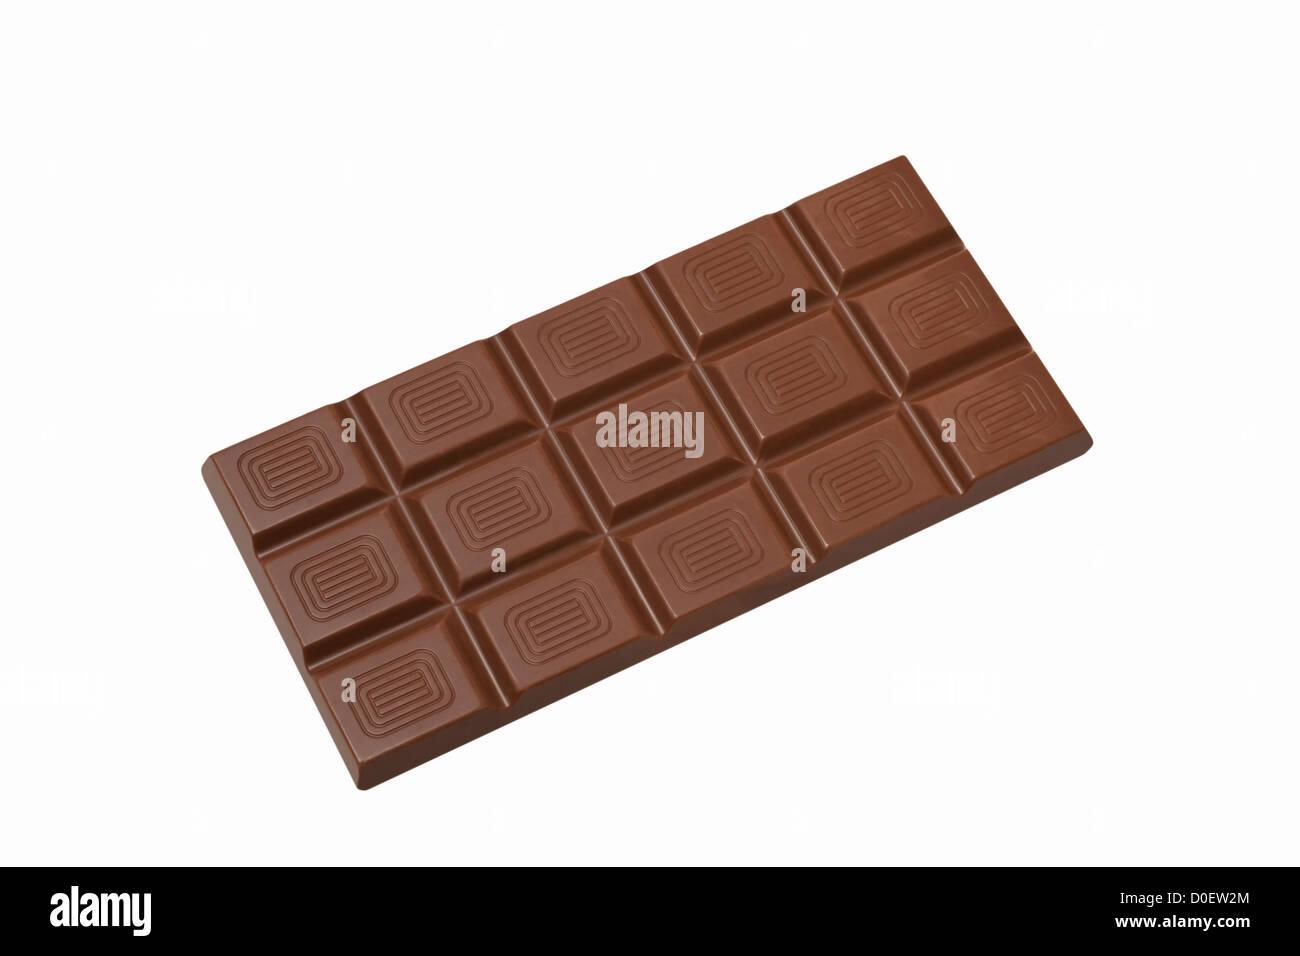 Detailansicht einer Tafel Schokolade, Hintergrund weiß   Dettaglio foto di una barretta di cioccolato, sfondo Immagini Stock